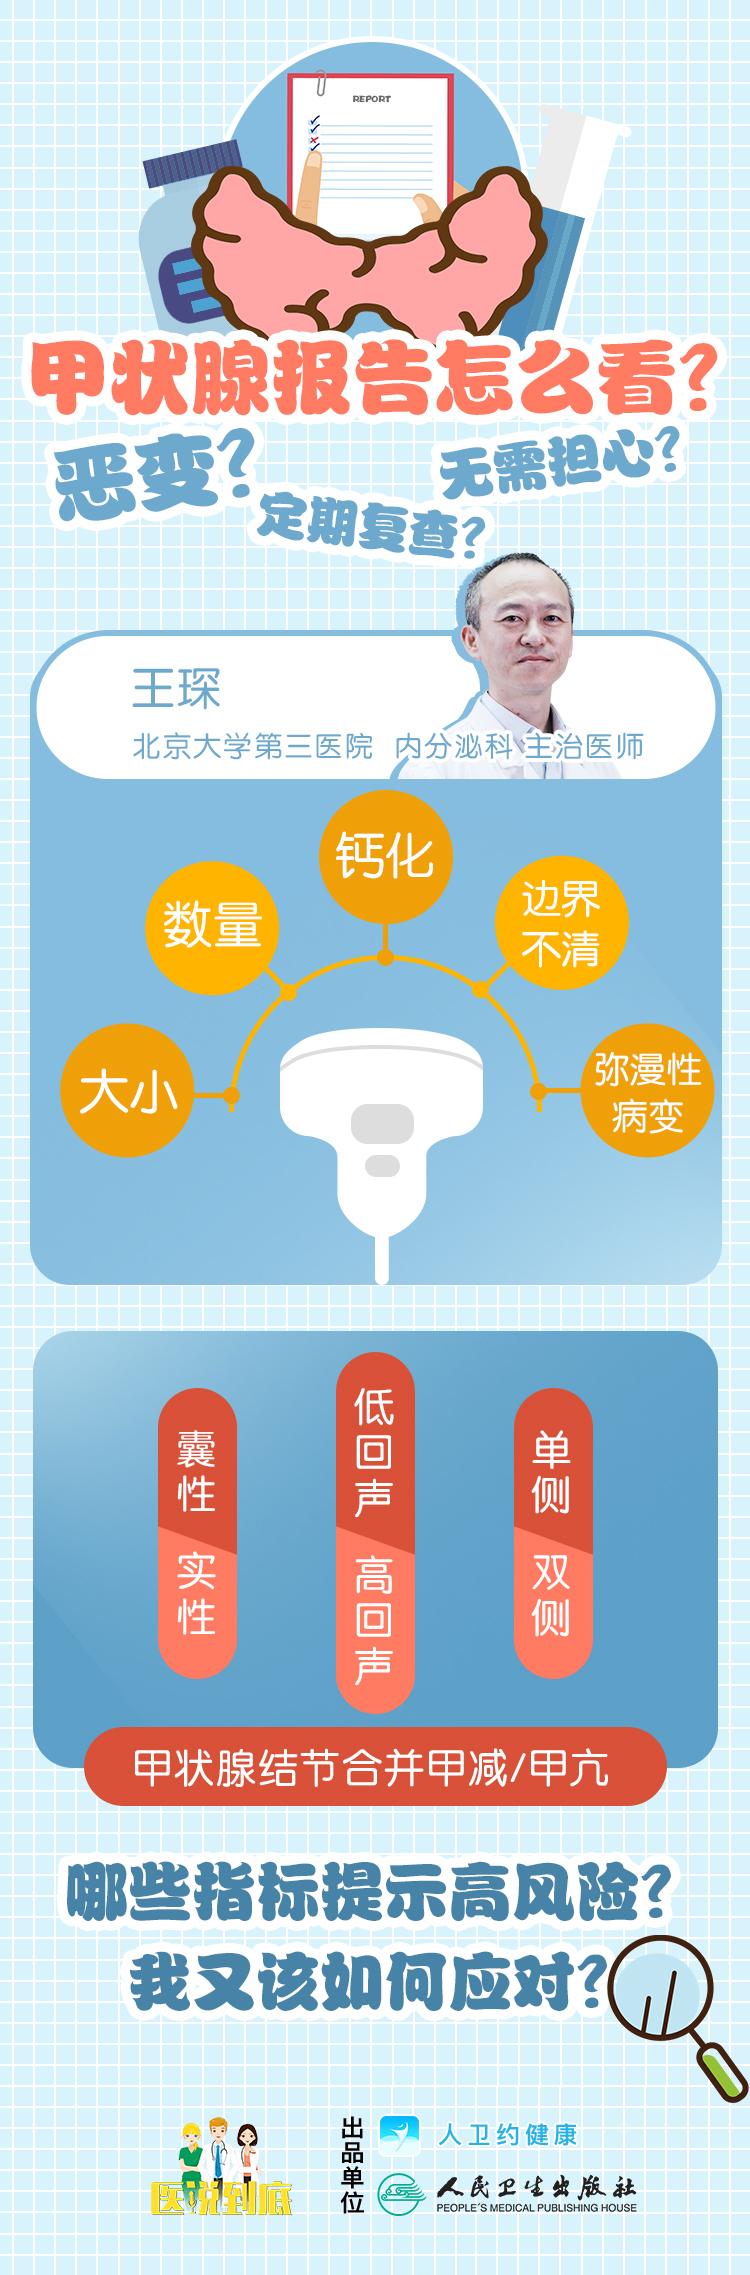 甲状腺-改logo.jpg